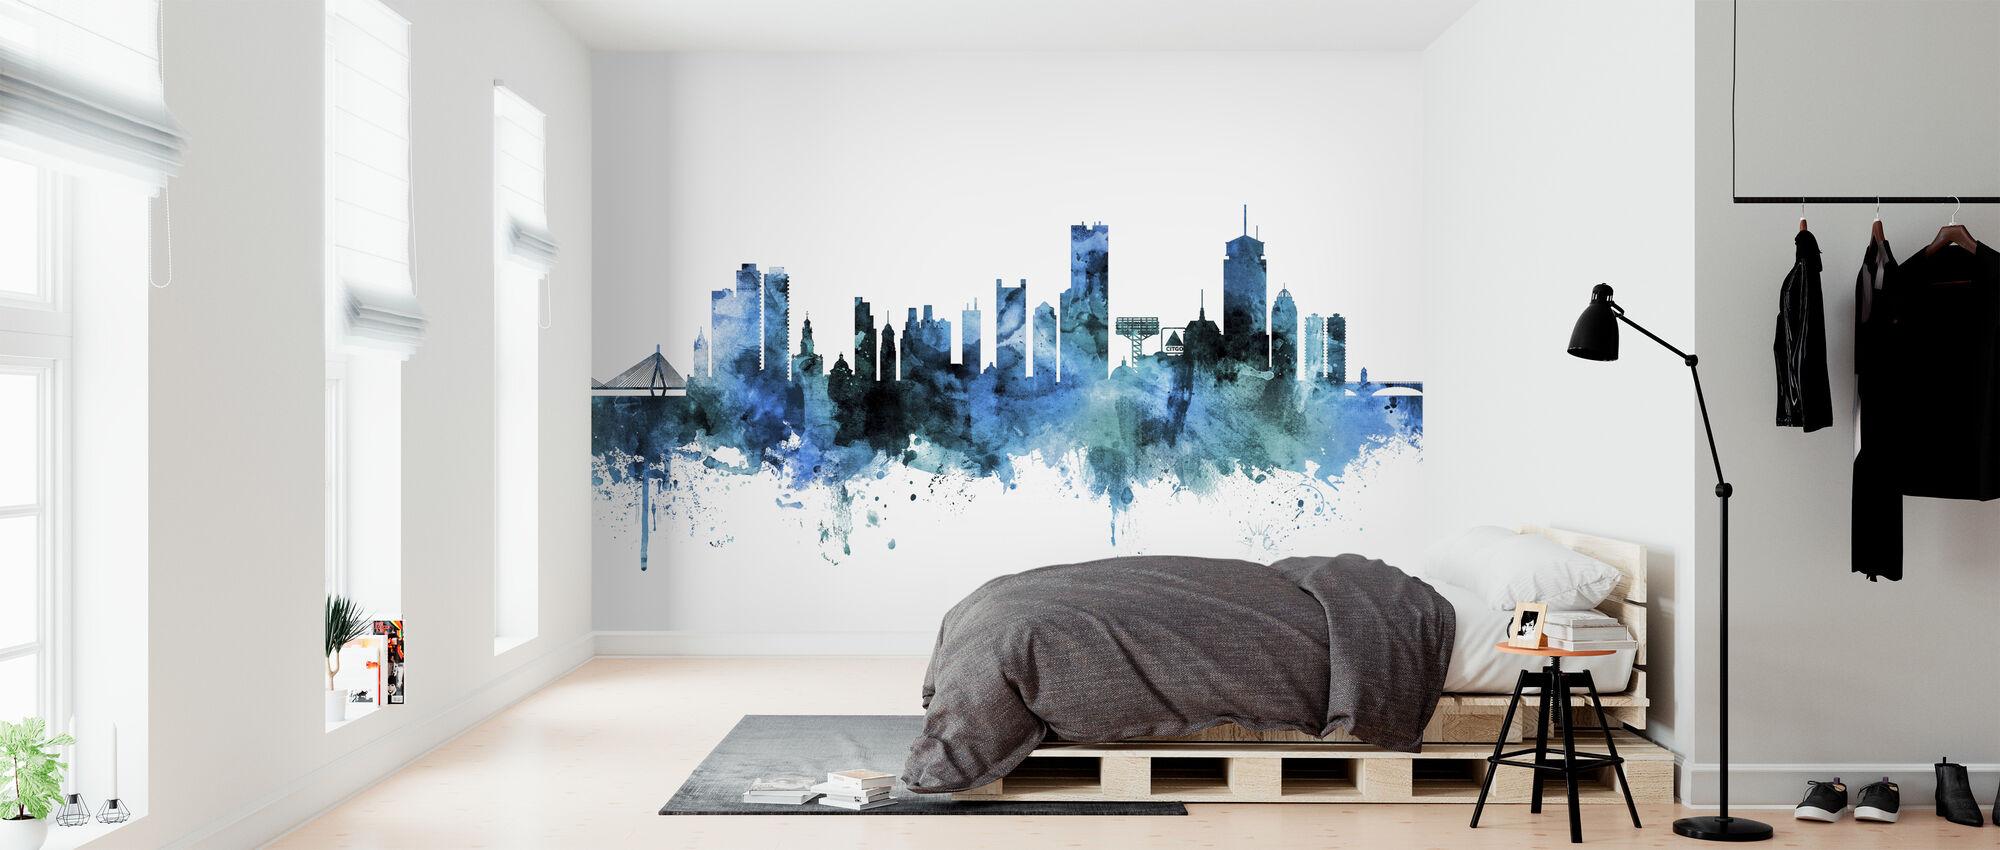 Boston Massachusetts Skyline - Wallpaper - Bedroom